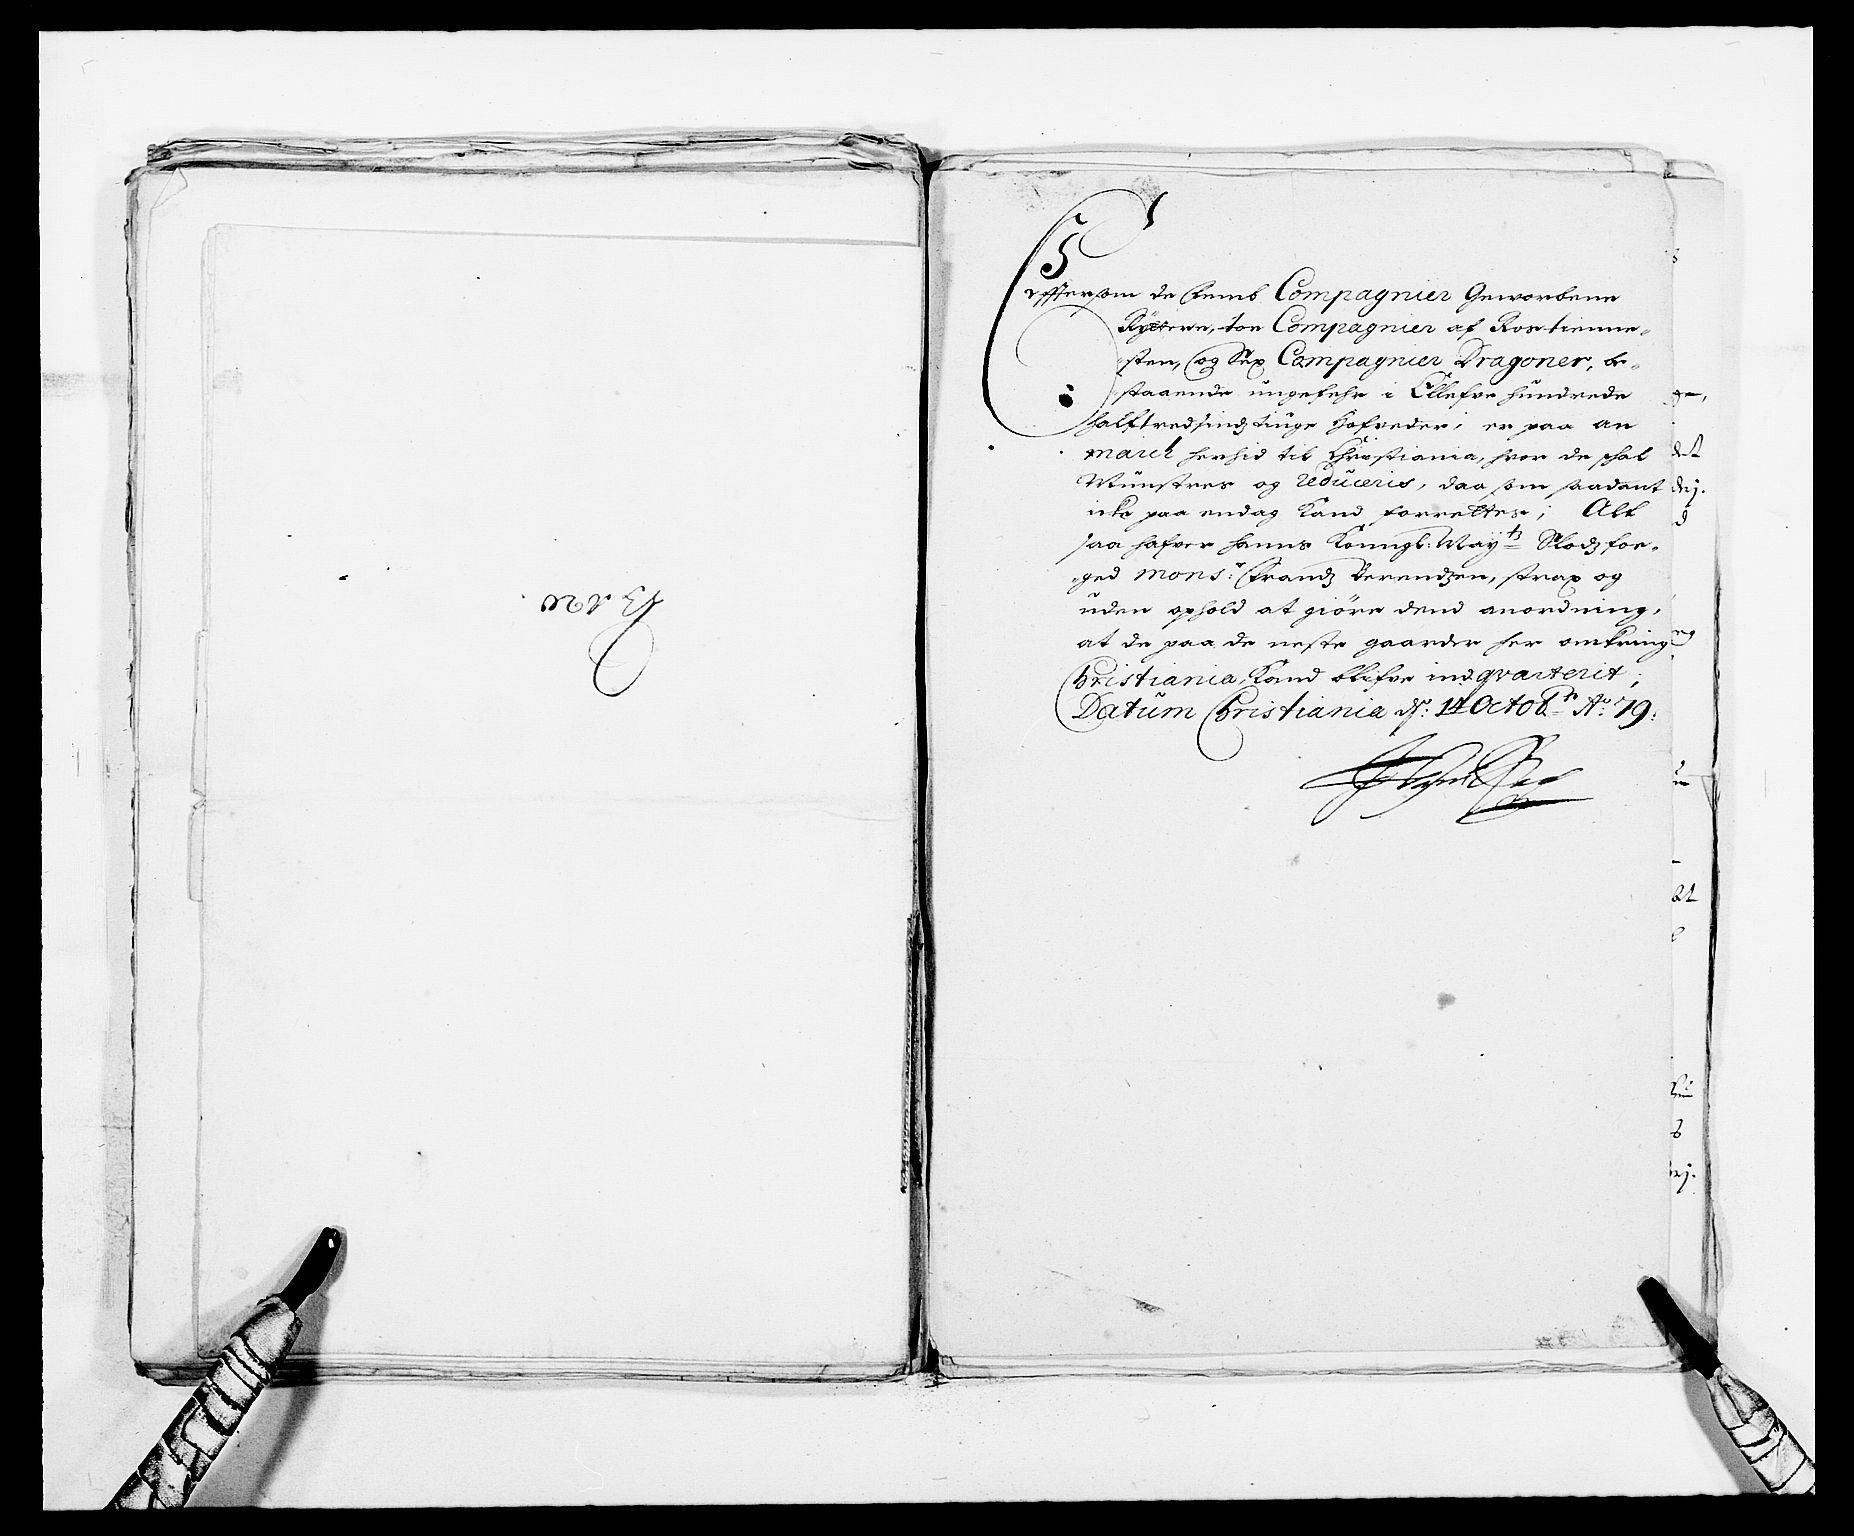 RA, Rentekammeret inntil 1814, Reviderte regnskaper, Fogderegnskap, R08/L0418: Fogderegnskap Aker, 1678-1681, s. 159